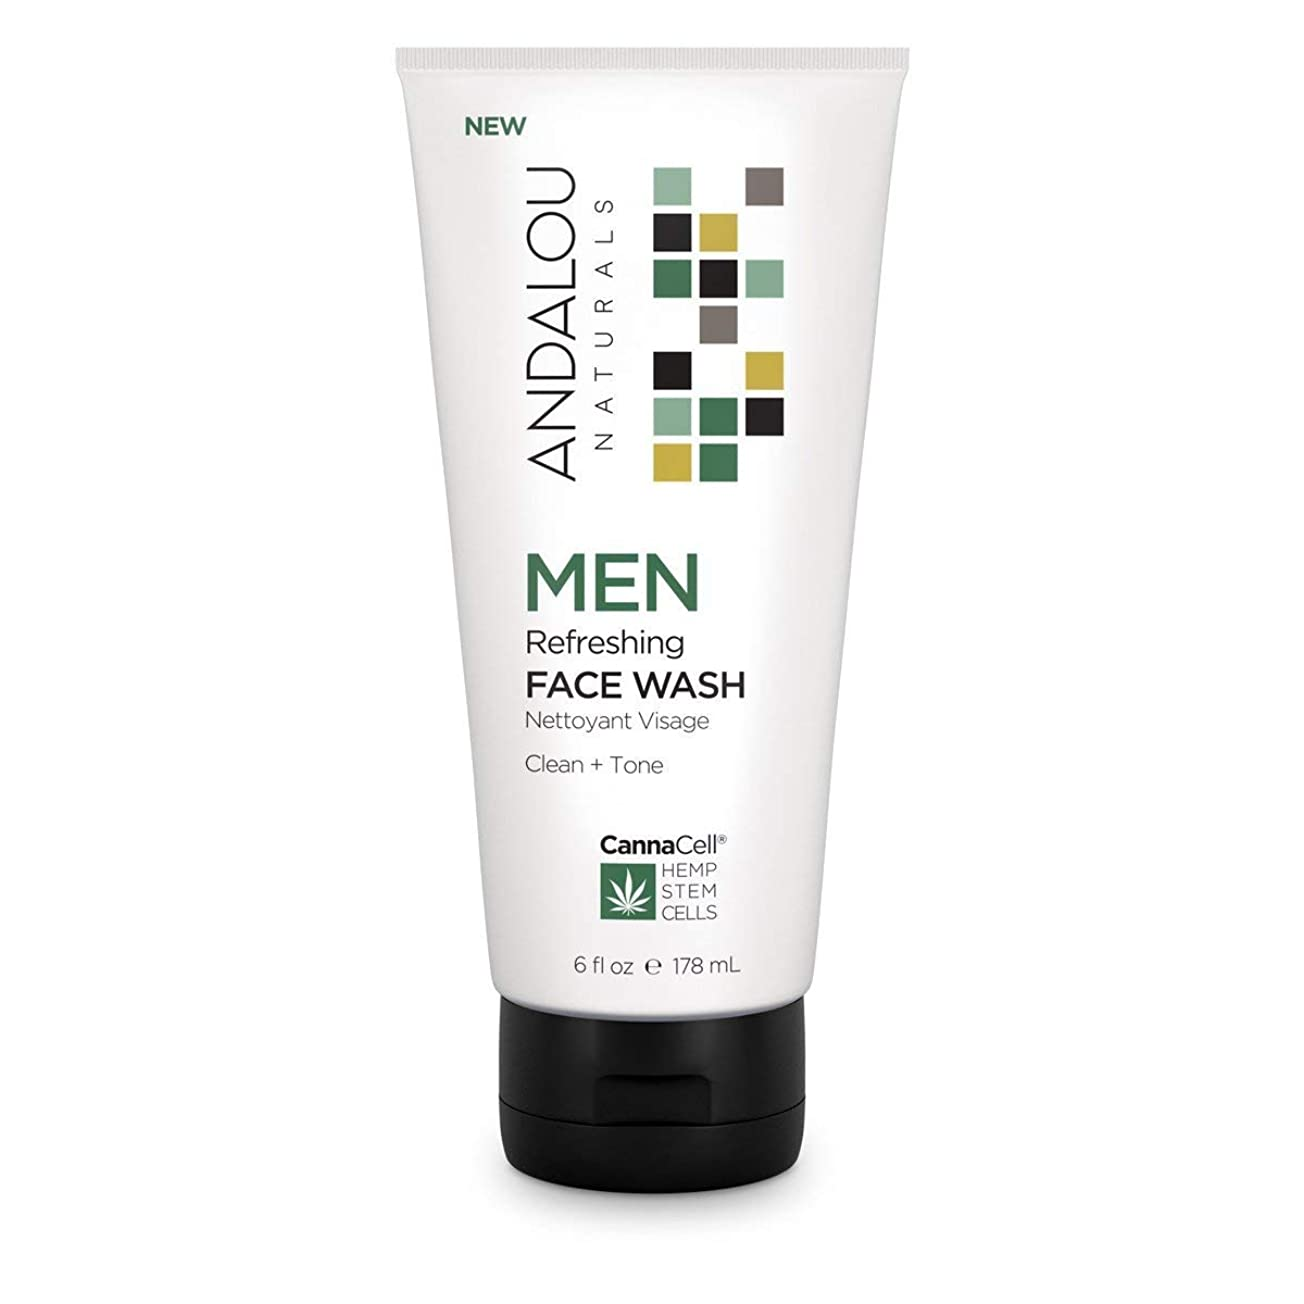 性的底計器オーガニック ボタニカル 洗顔料 洗顔フォーム ナチュラル フルーツ幹細胞 ヘンプ幹細胞 「 MEN リフレッシングフェイスウォッシュ 」 ANDALOU naturals アンダルー ナチュラルズ